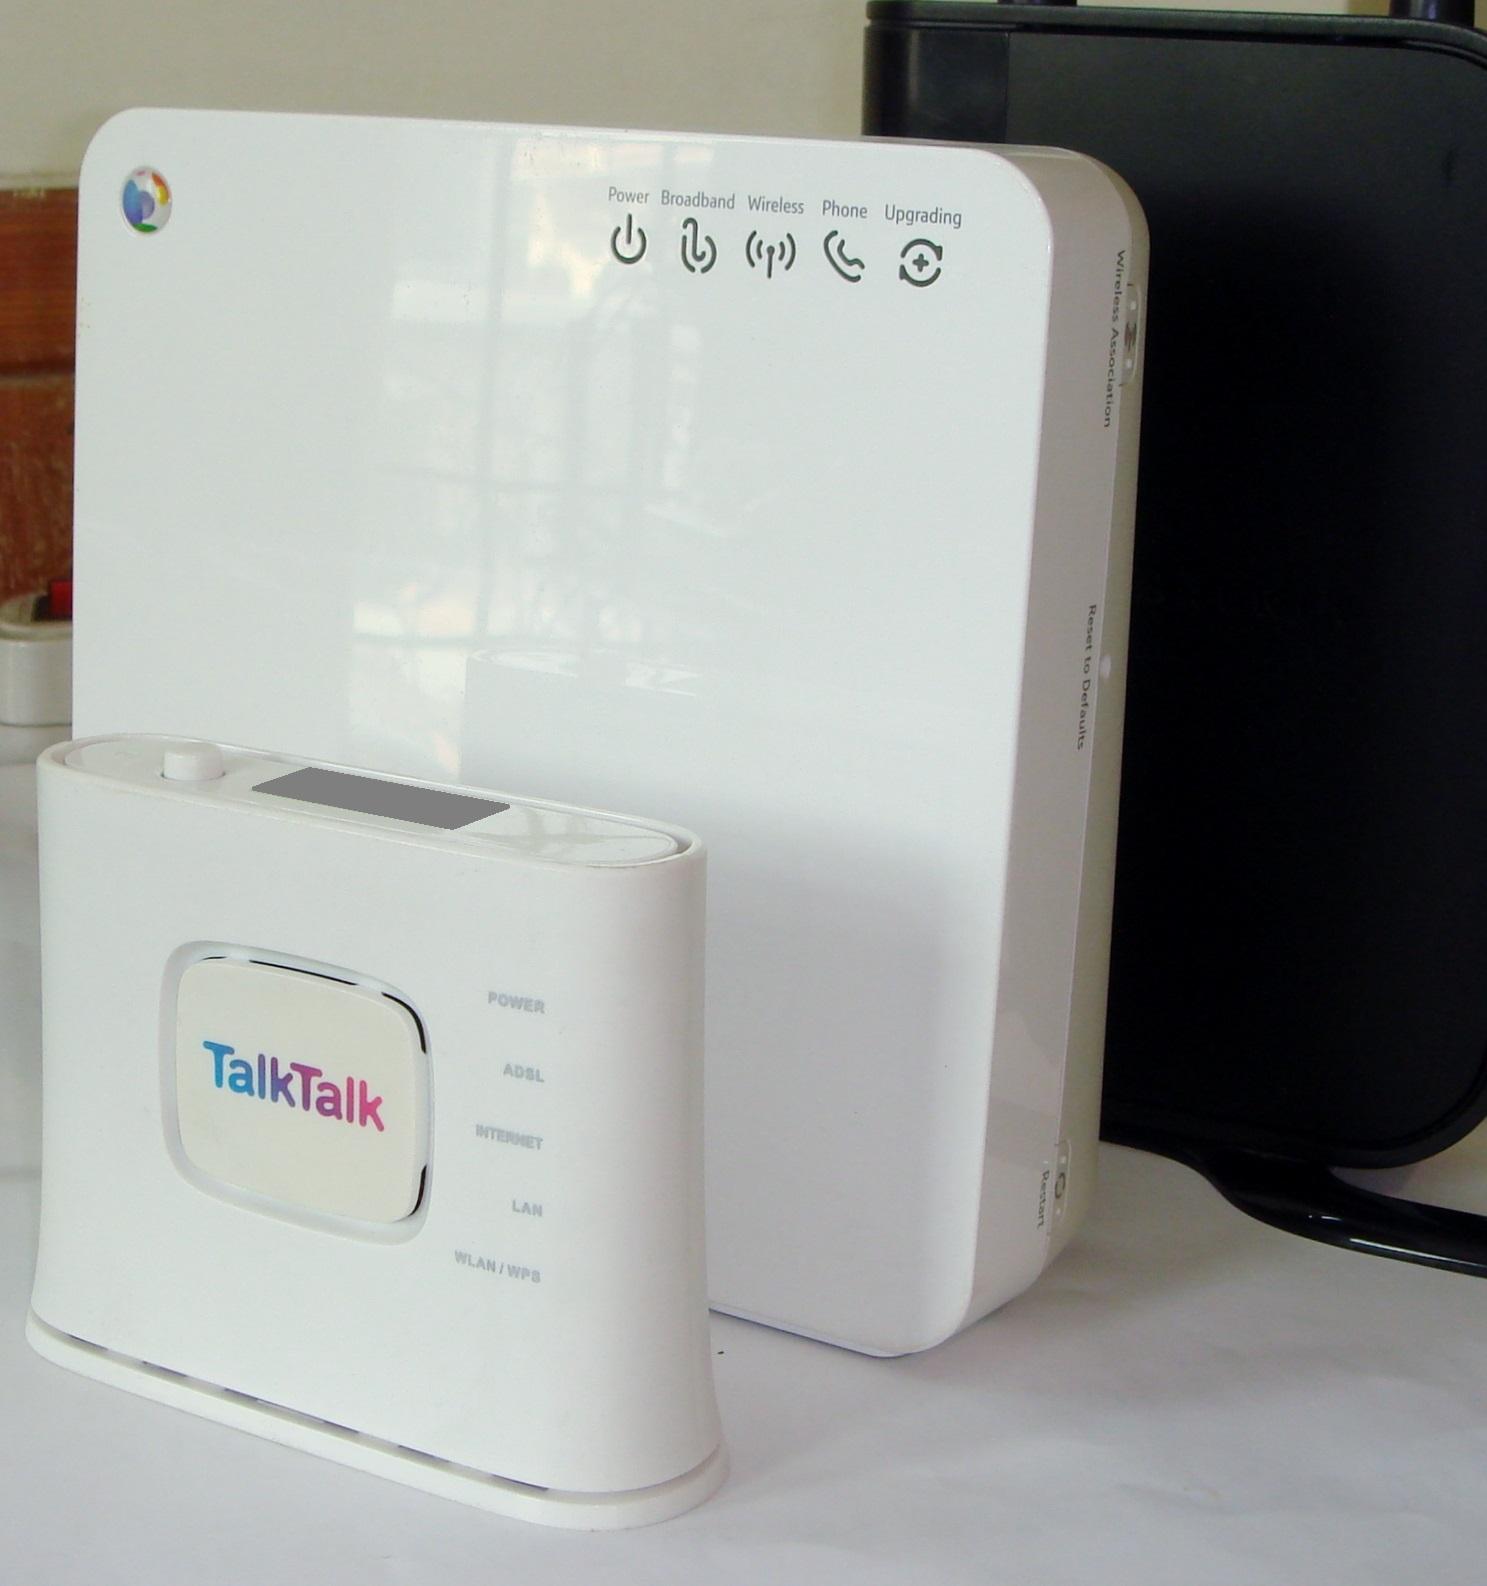 Echolife hg521 firmware upgrade